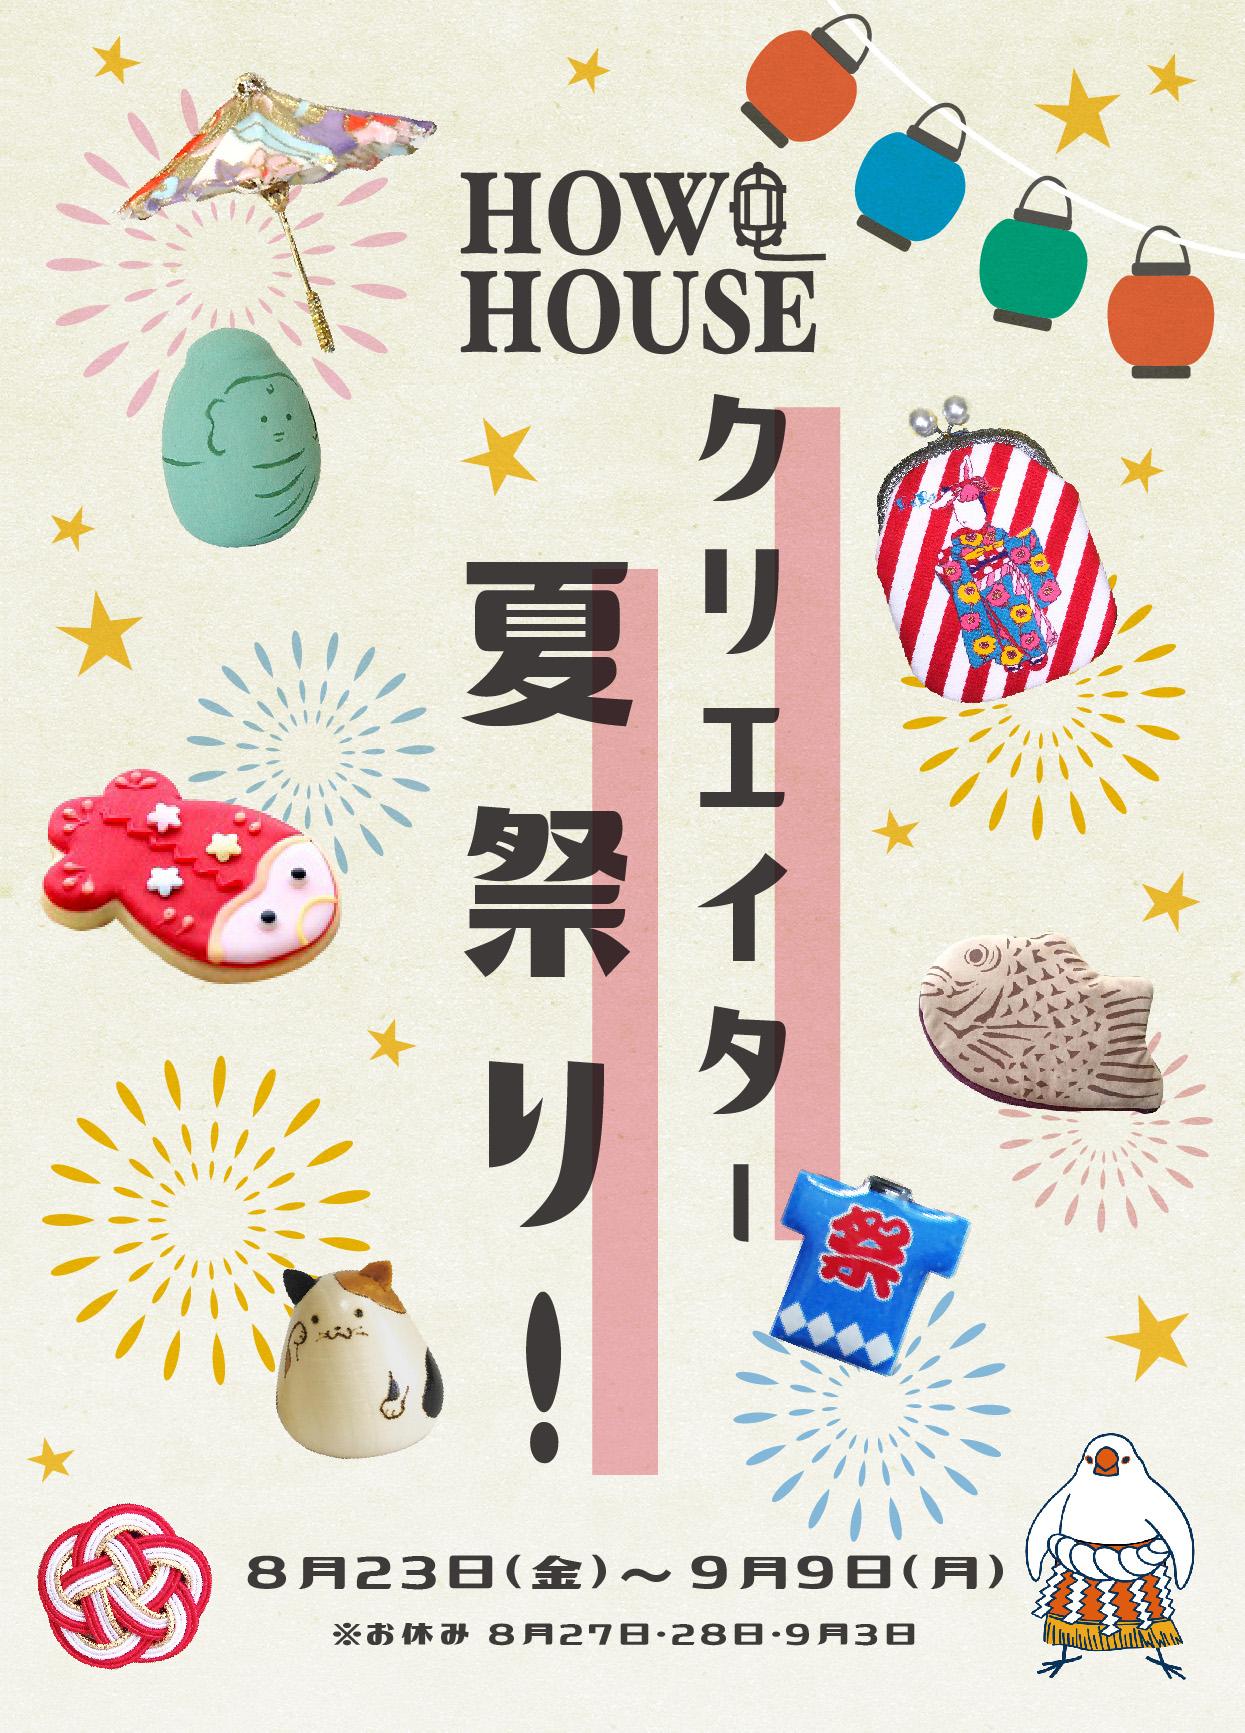 How House クリエイター夏祭り!